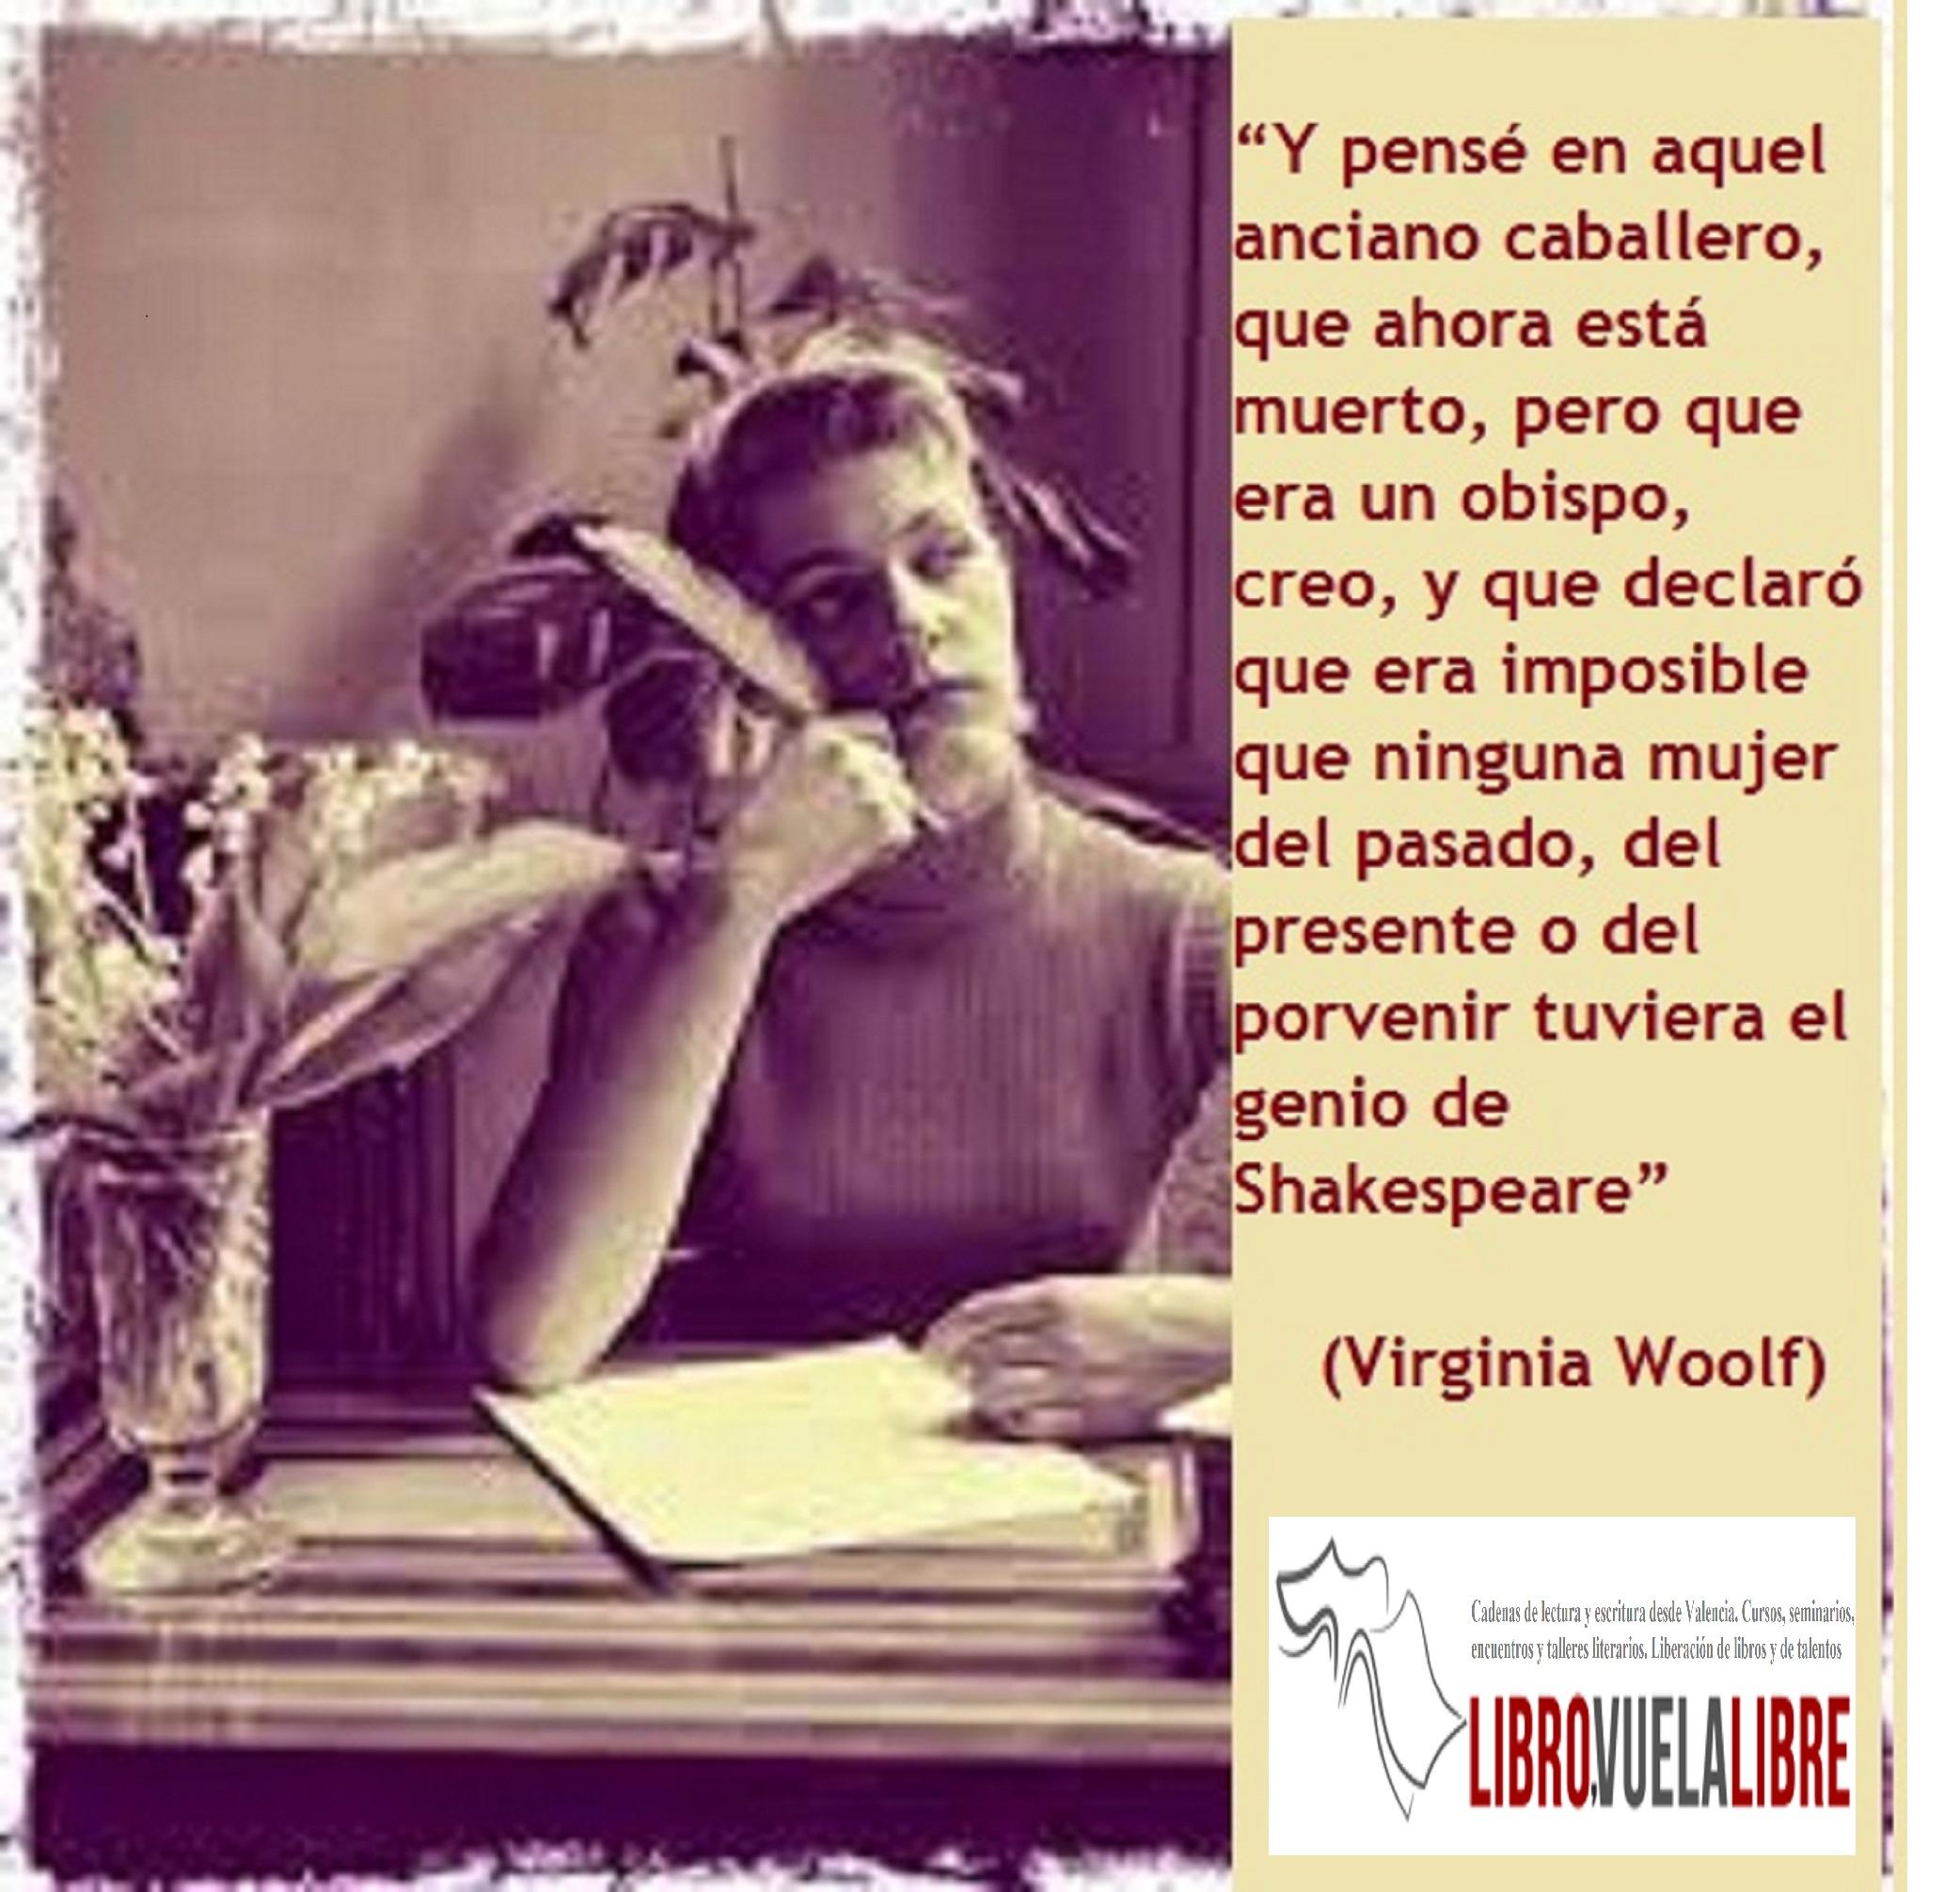 La hermana de Shakespeare: un homenaje a las escritoras de la historia